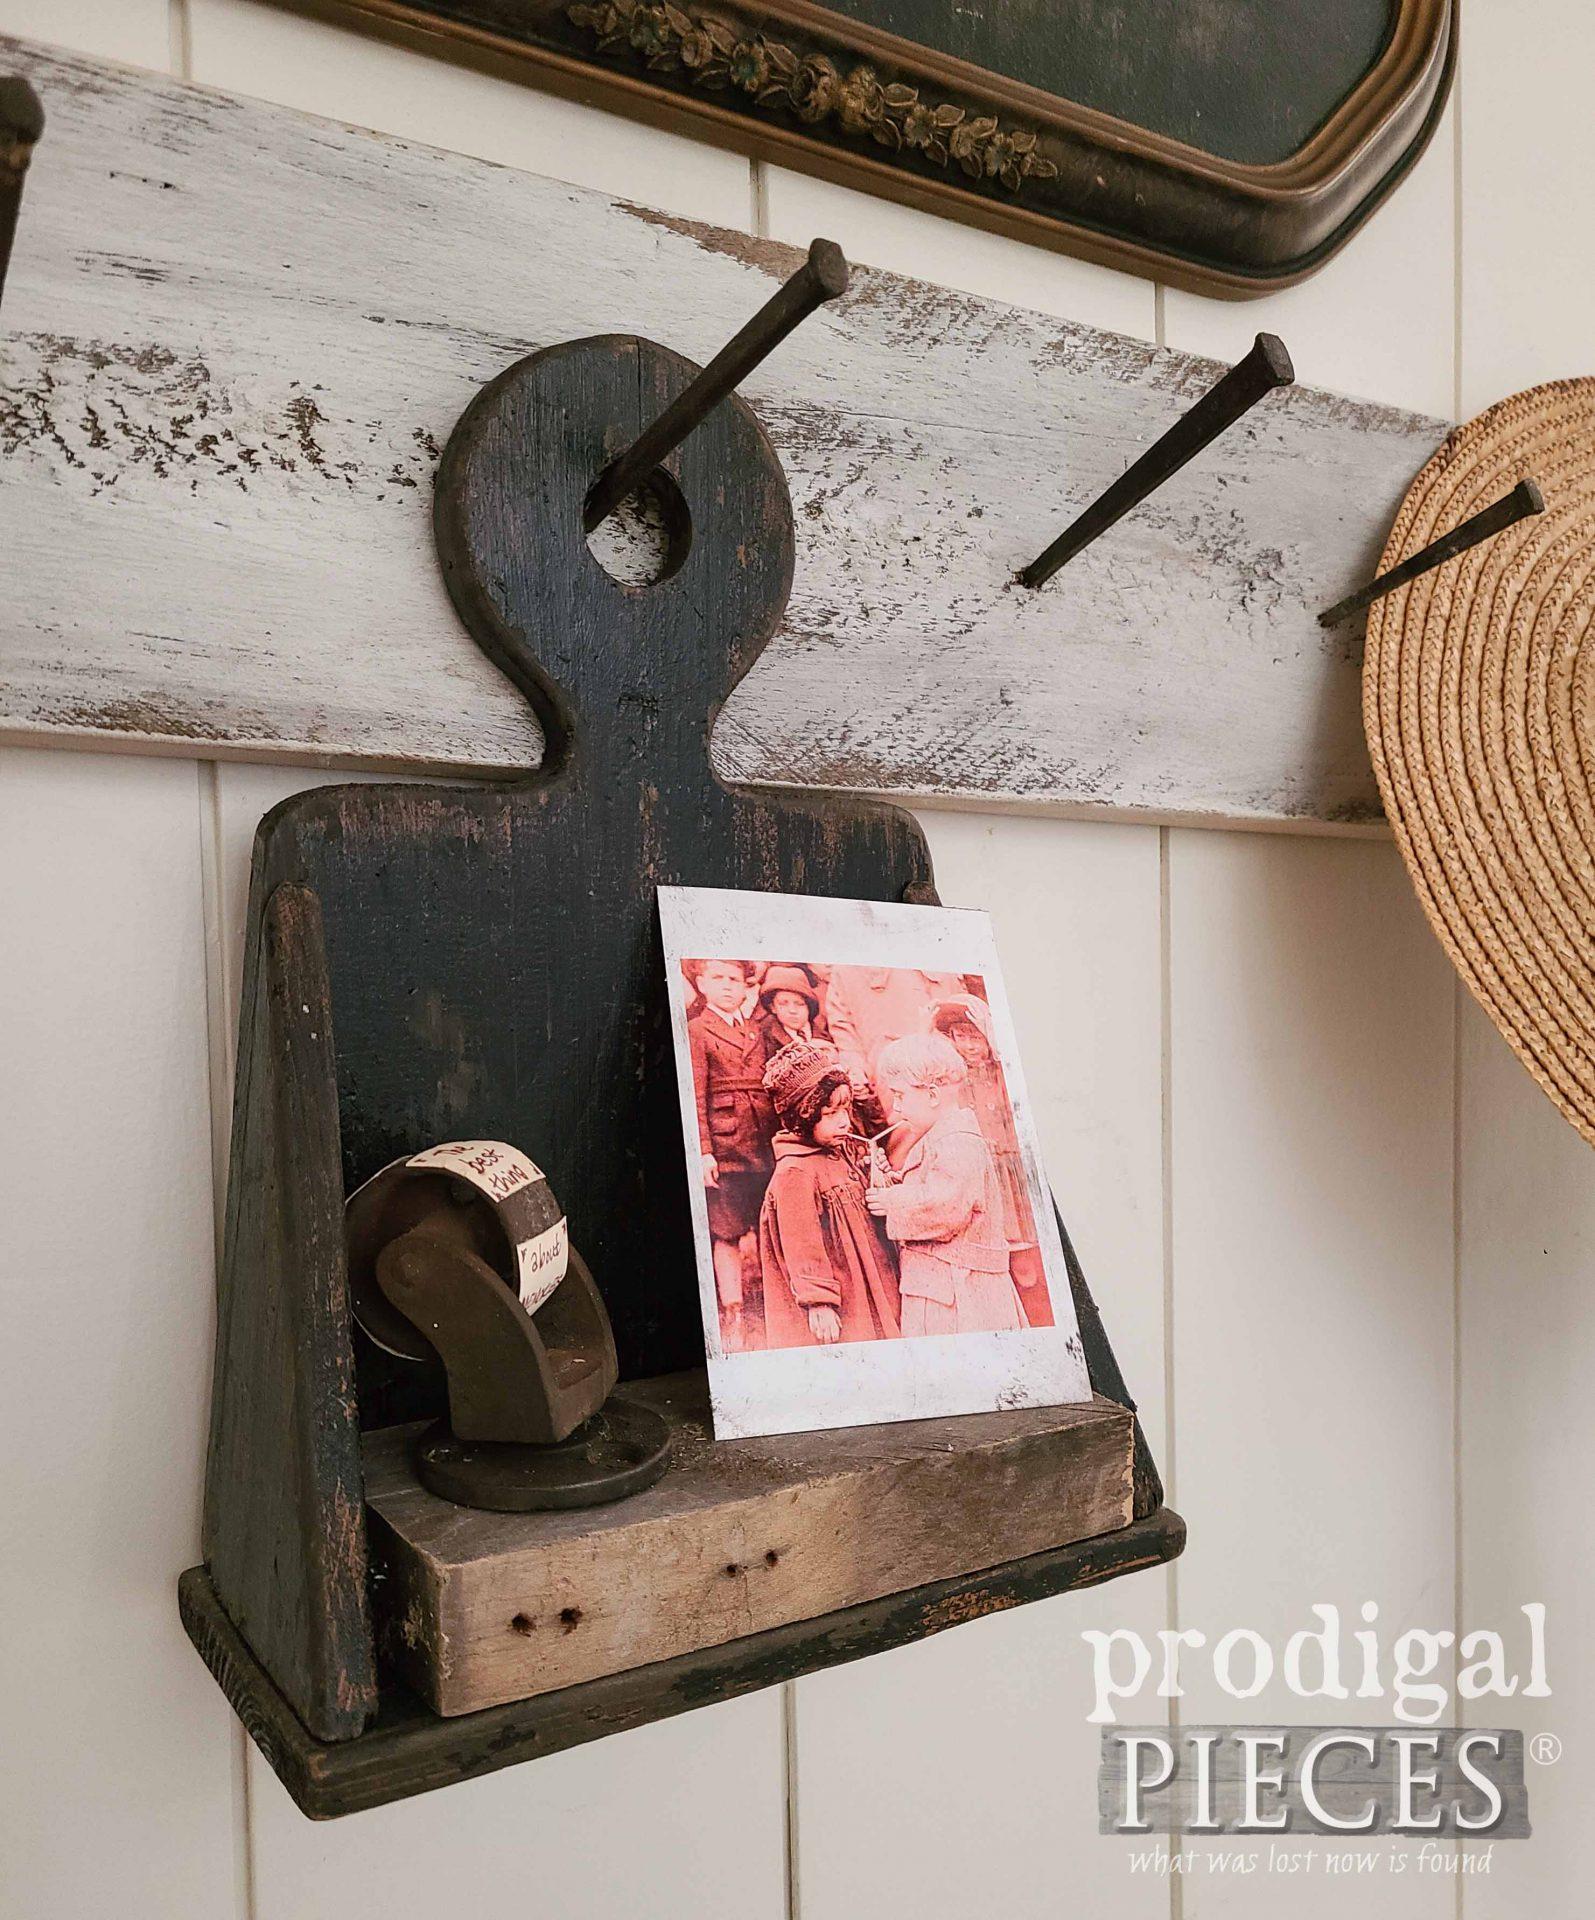 Rustic Chic Farmhouse Memory Shelf for Home Decor by Prodigal Pieces   prodigalpieces.com #prodigalpieces #farmhouse